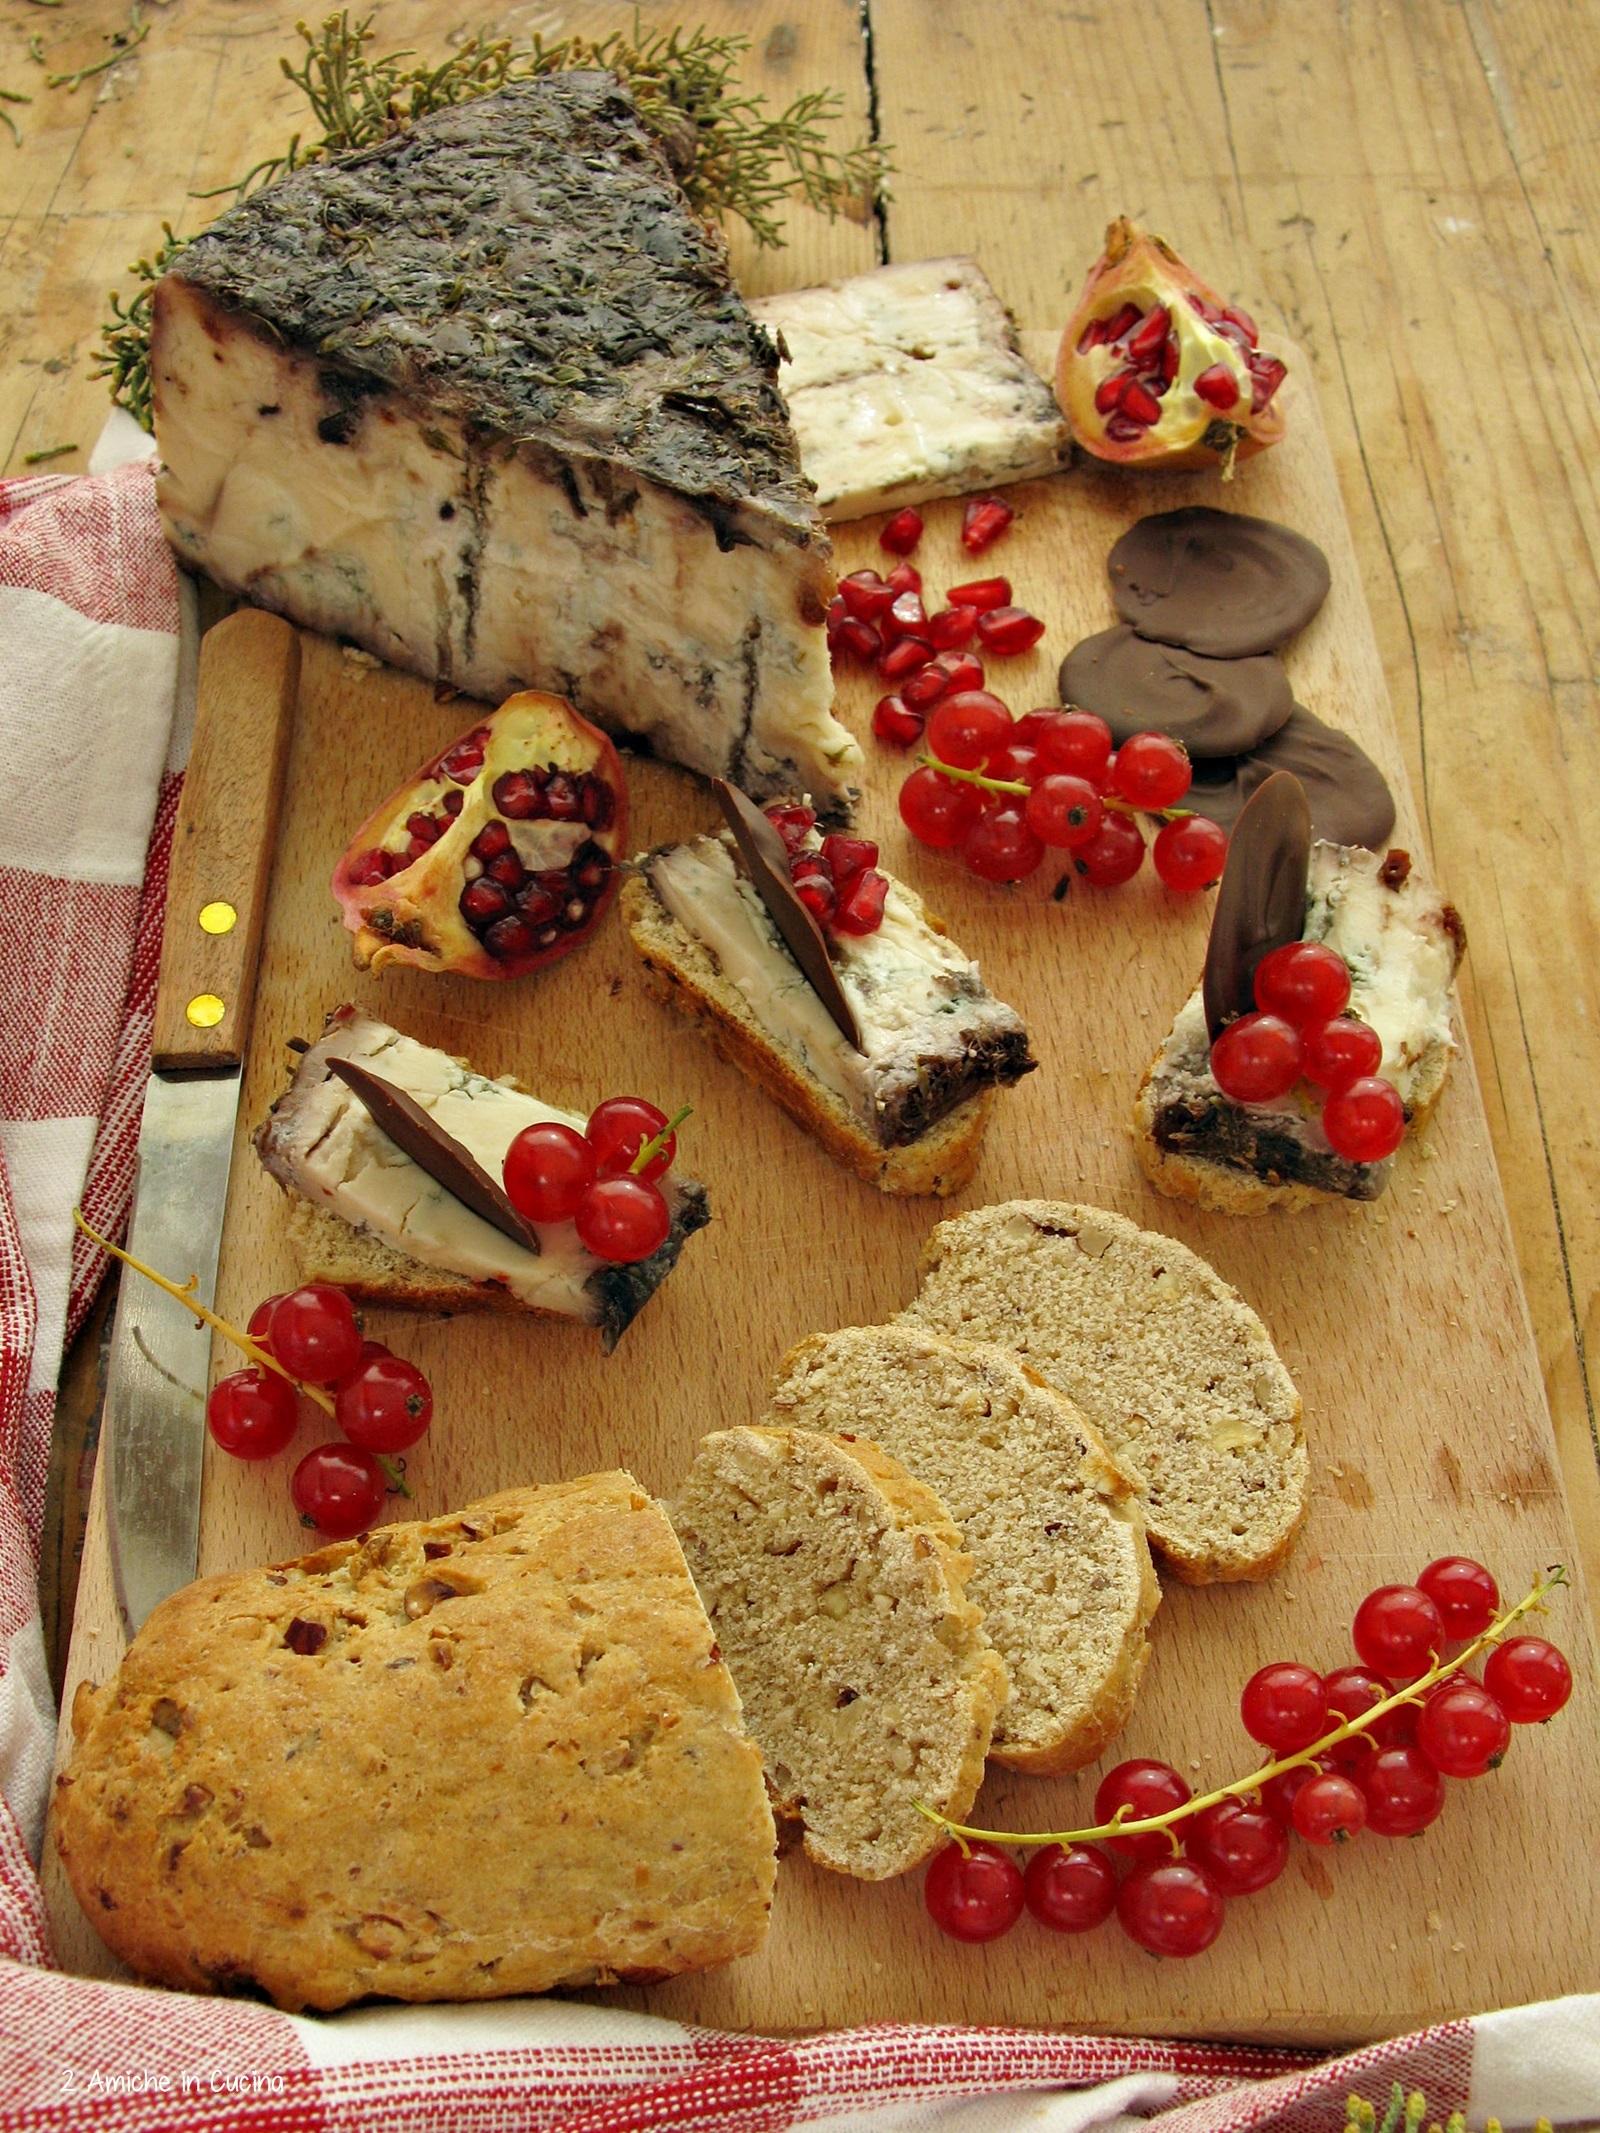 blu-di-bagnoli-con-pane-alle-nocciole-e-miele-frutti-rossi-e-cioccolato-fondente-1